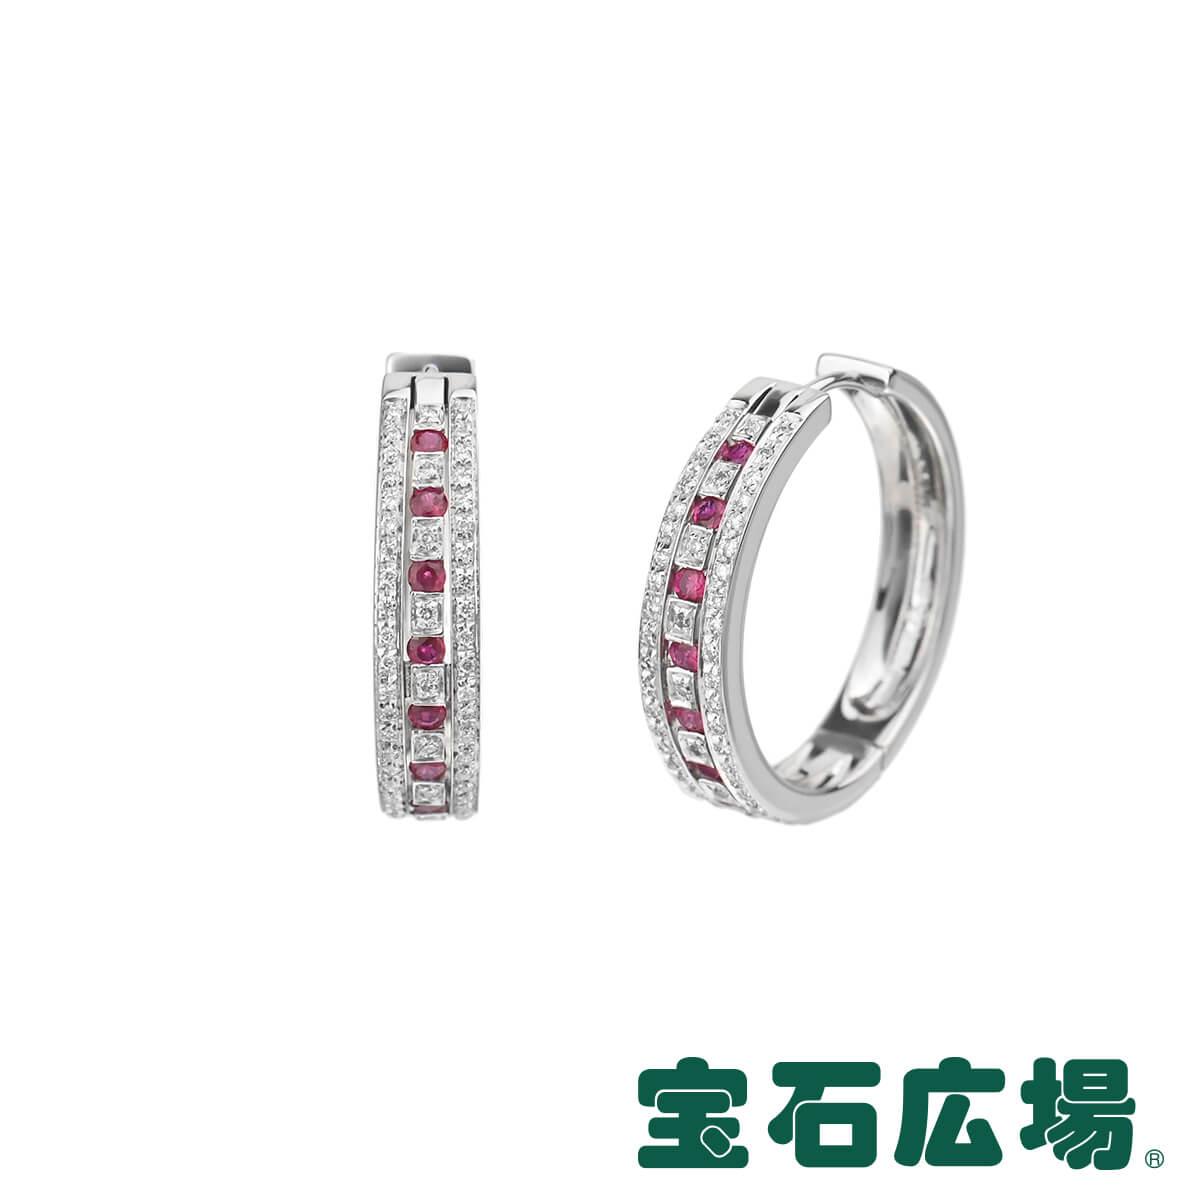 ダミアーニ ベルエポック ルビー ダイヤ フープピアス L 限定品 新品 送料無料 ジュエリー 限定モデル 20030396 DAMIANI